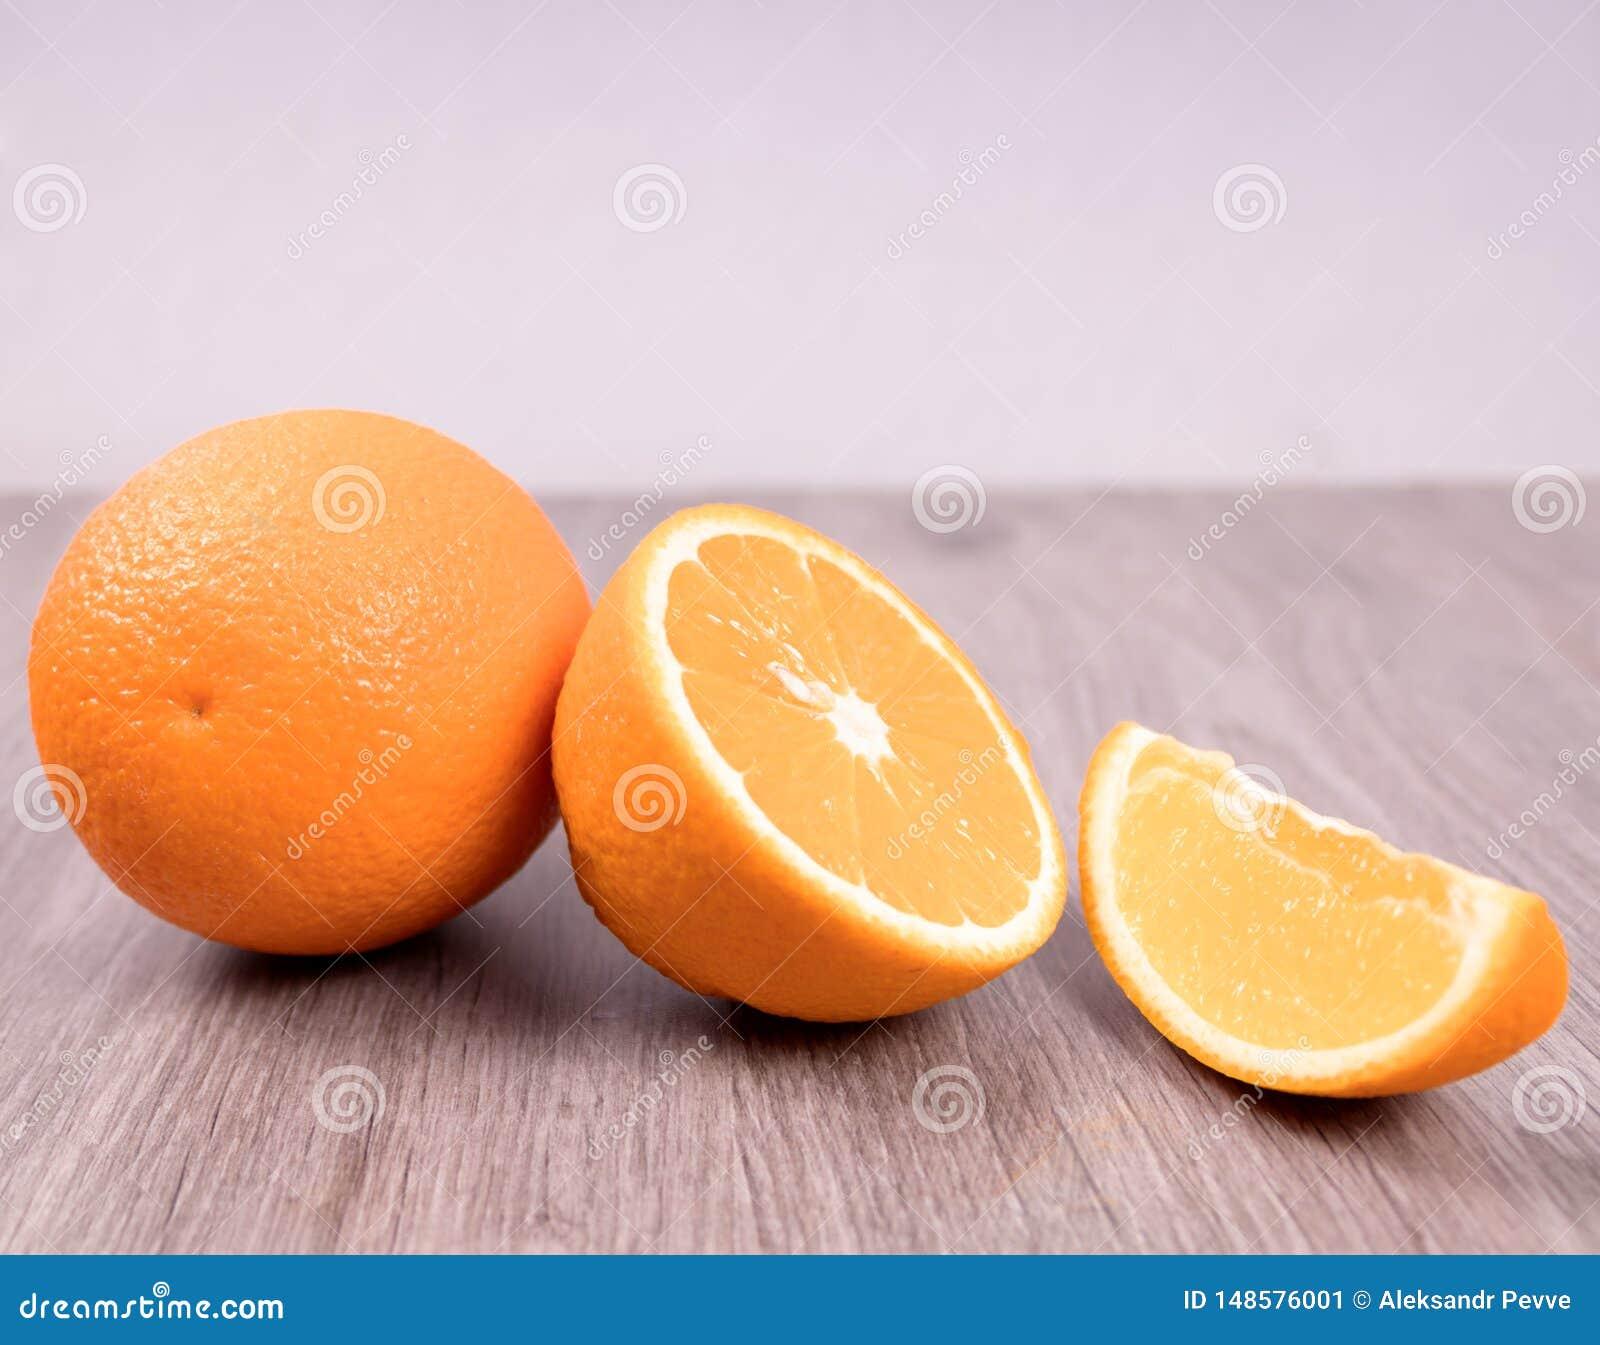 Nahaufnahme von Orangen auf einem Holztisch mit wei?em Hintergrund